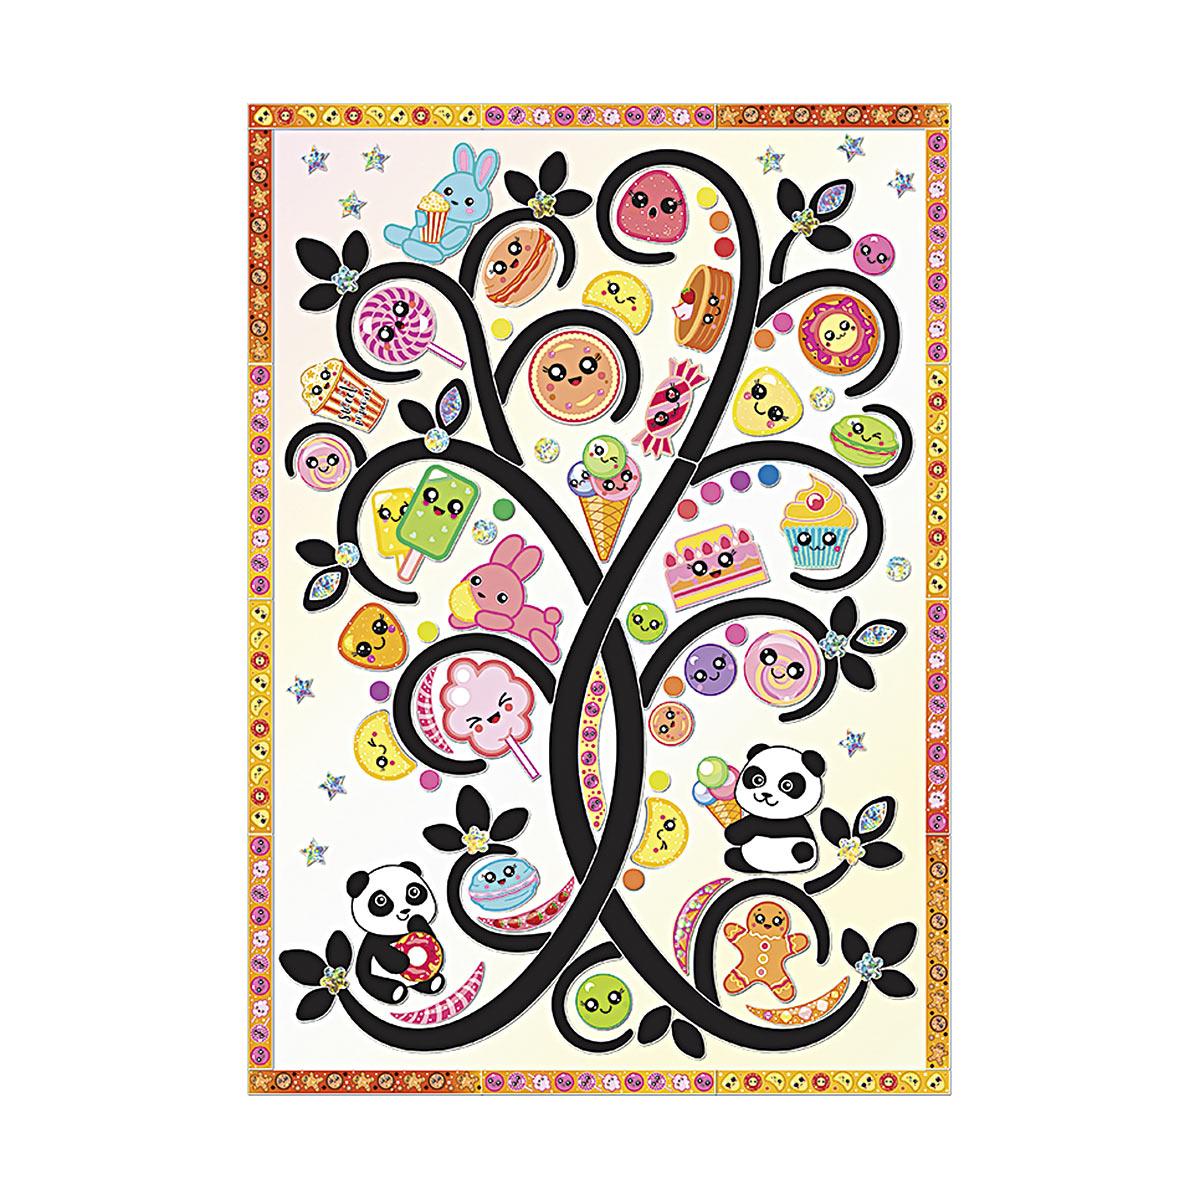 АС 43-325 Набор для изготовления картины 'Сладкое дерево' (декорирование) 210*297 мм Клевер